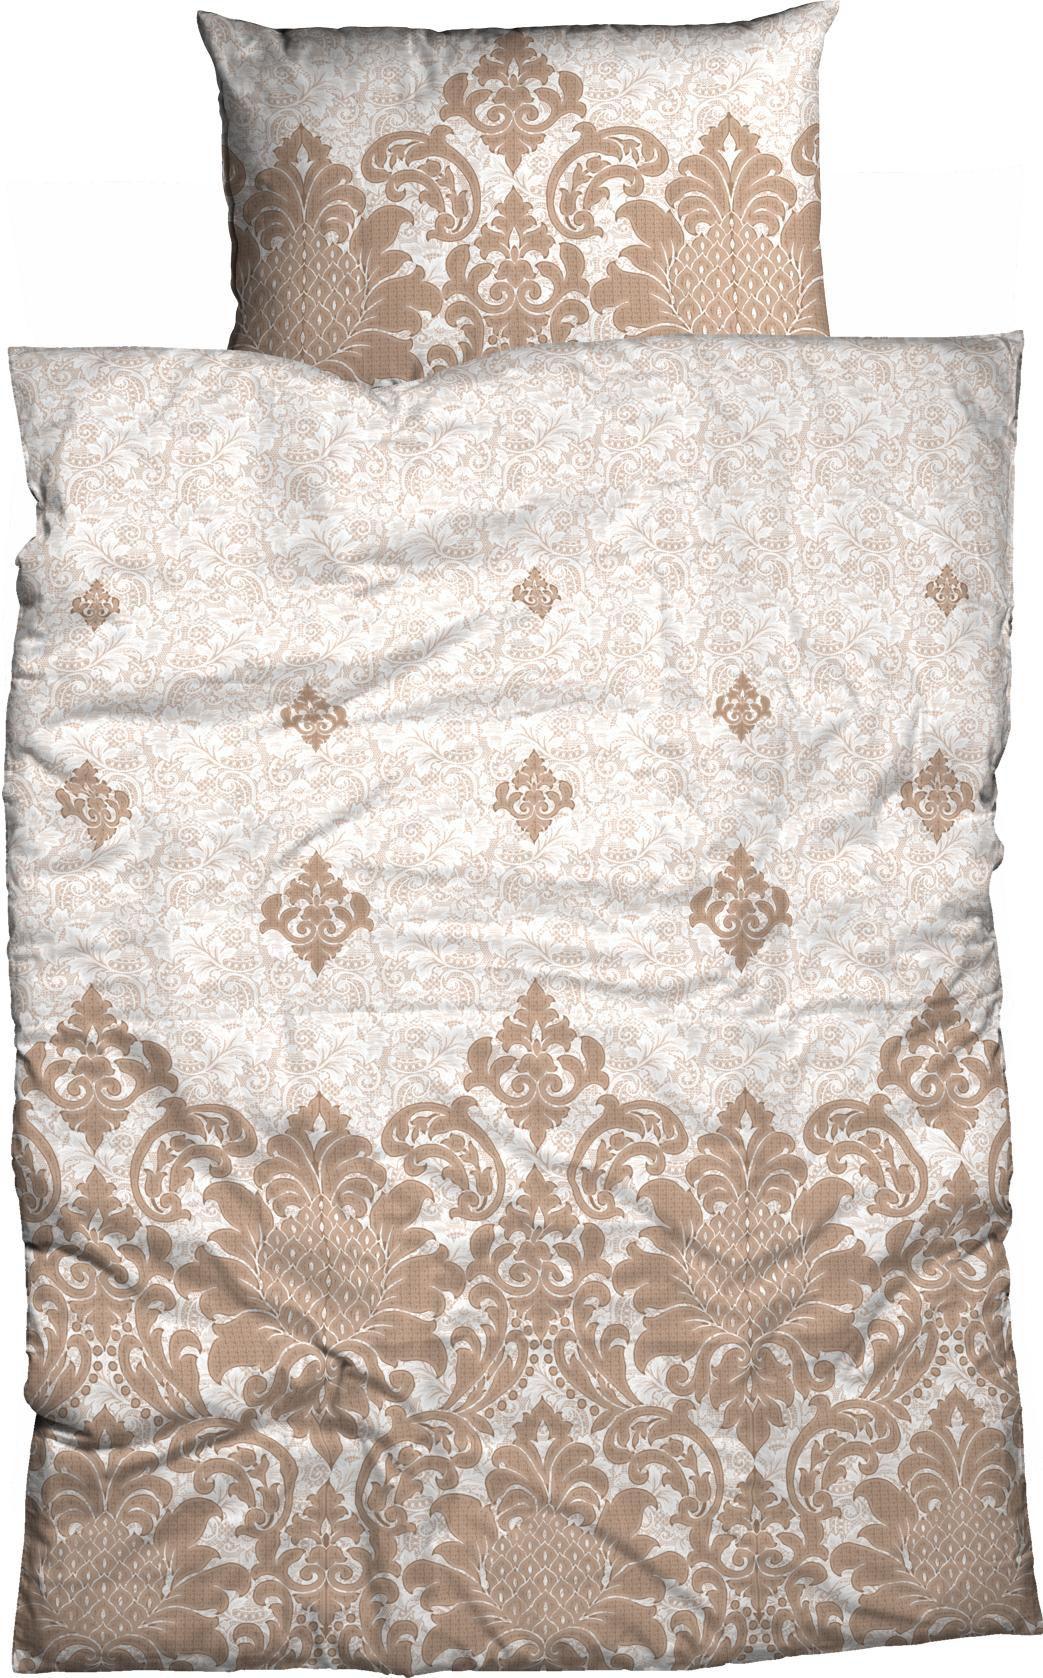 CASATEX Bettwäsche, Casatex, »Versailles«, gemischte Ornamente